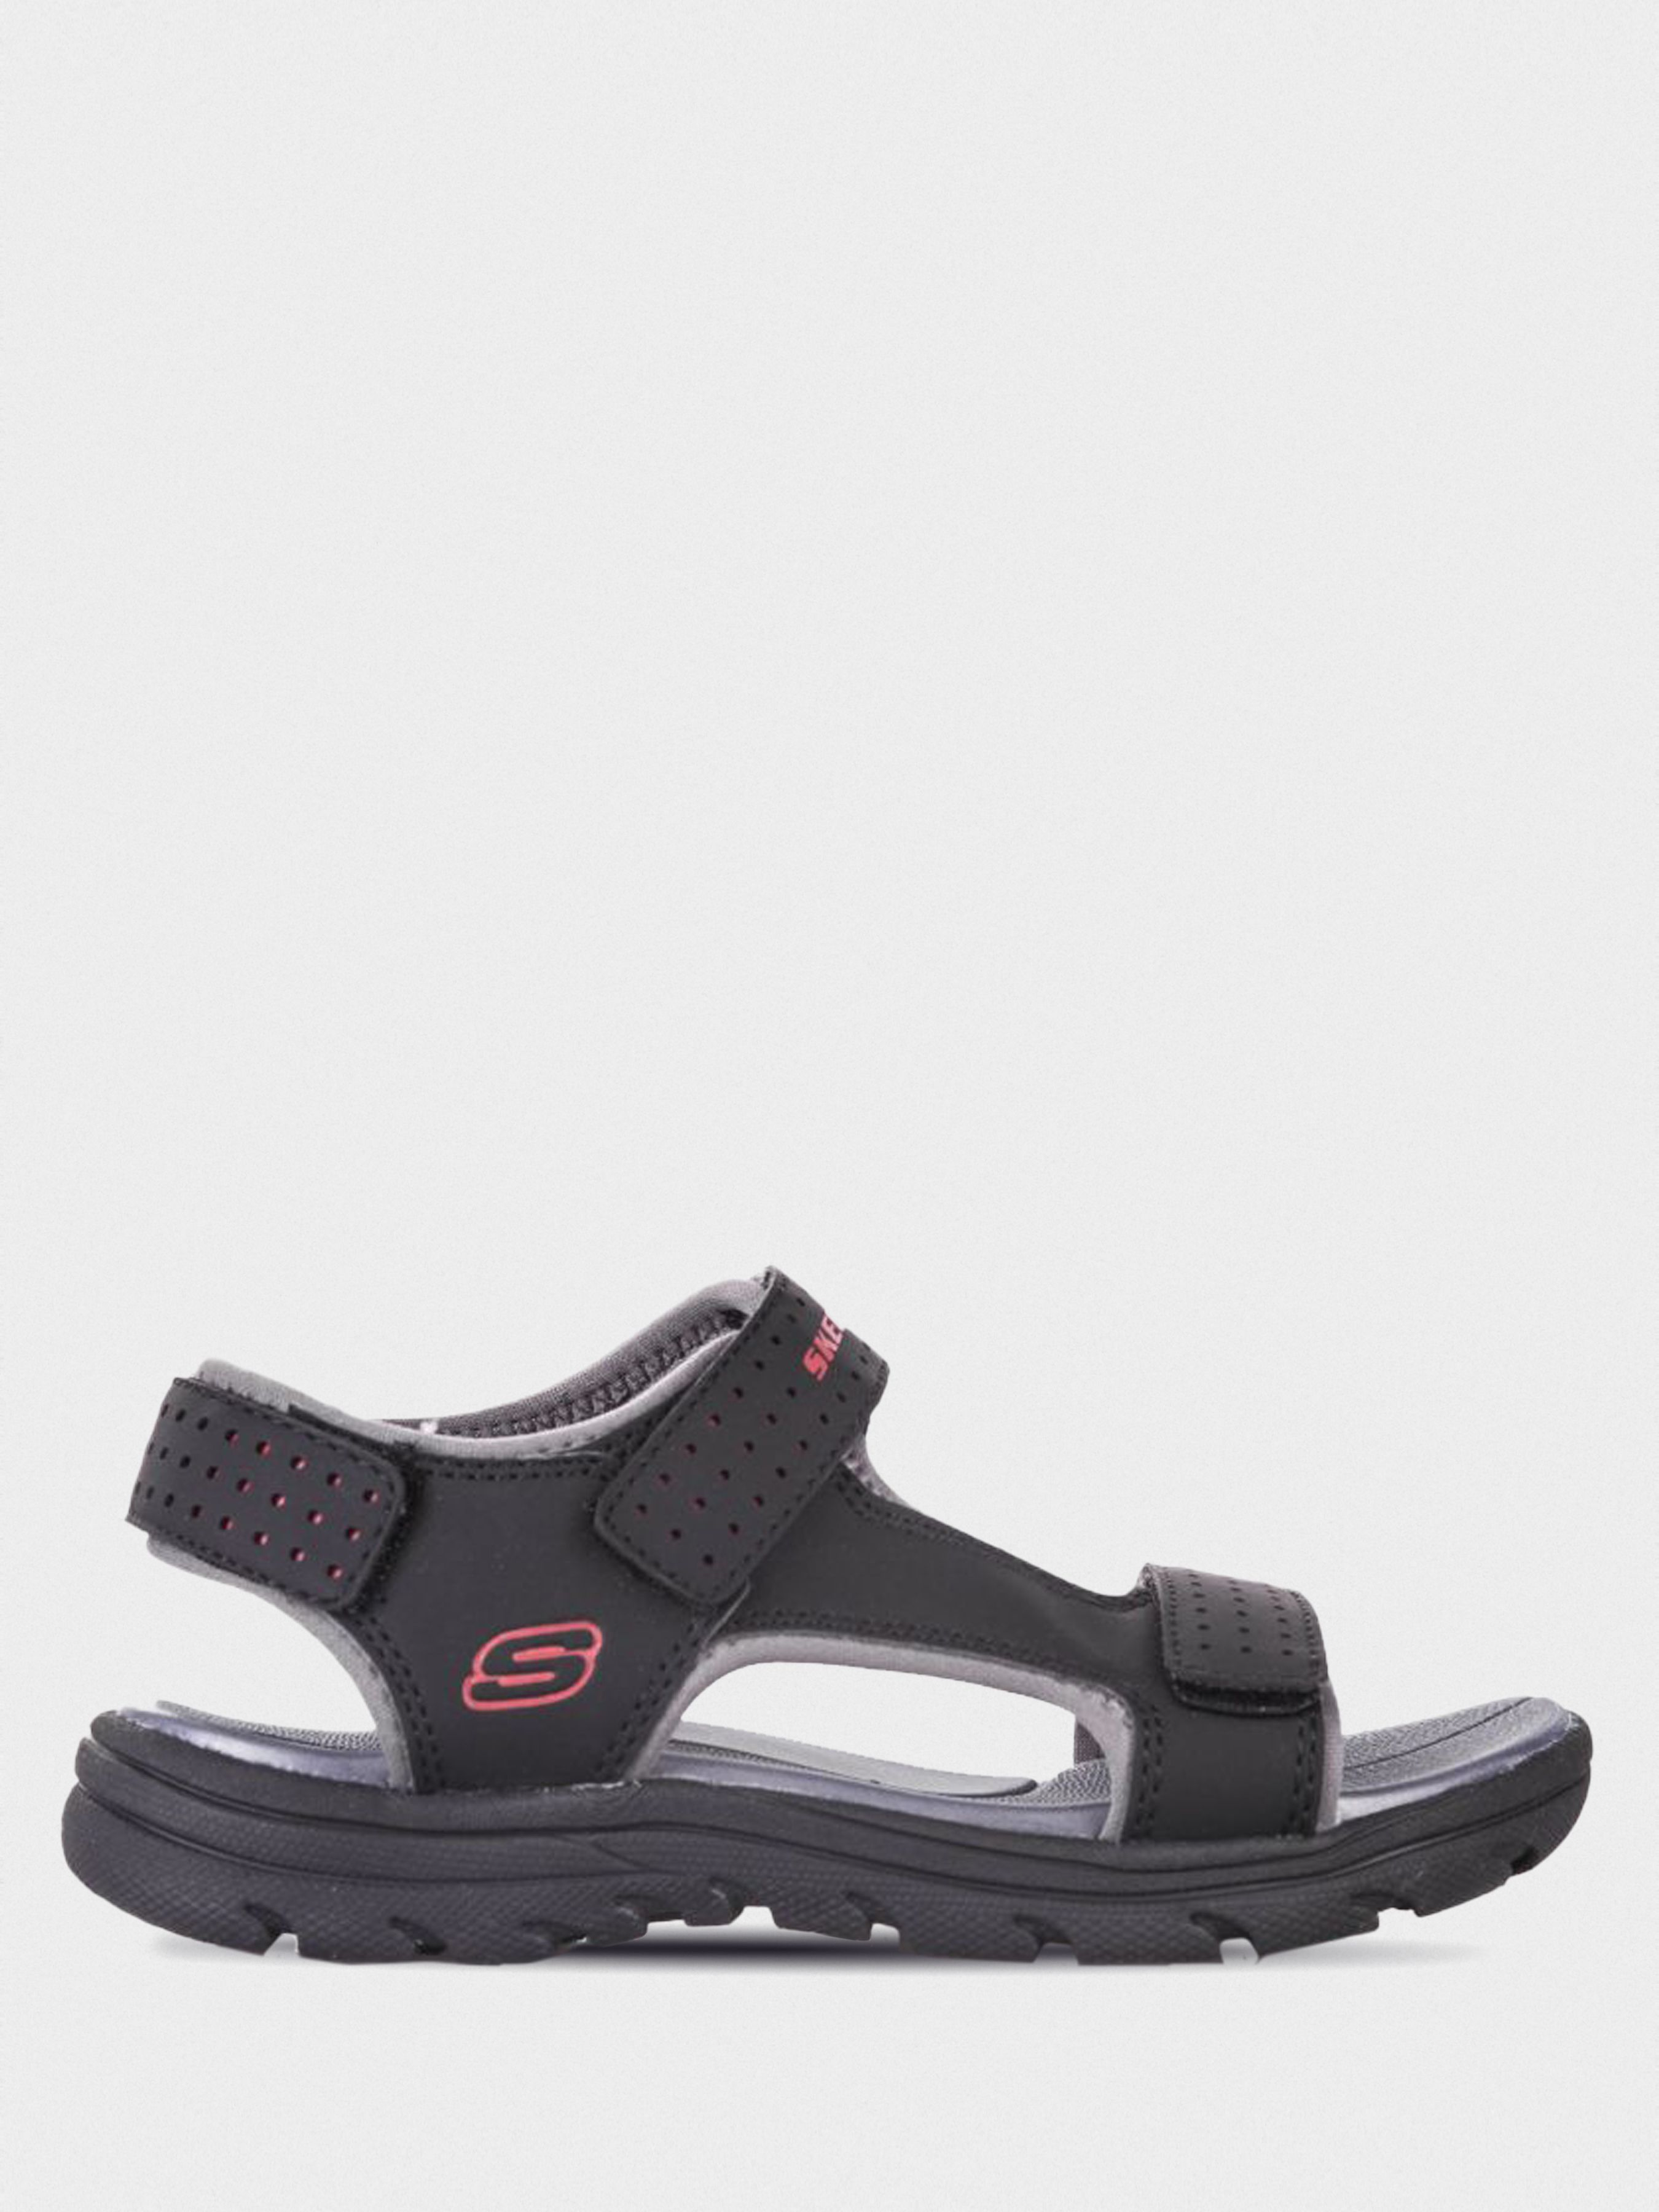 Купить Сандалии детские Skechers KK2452, Черный